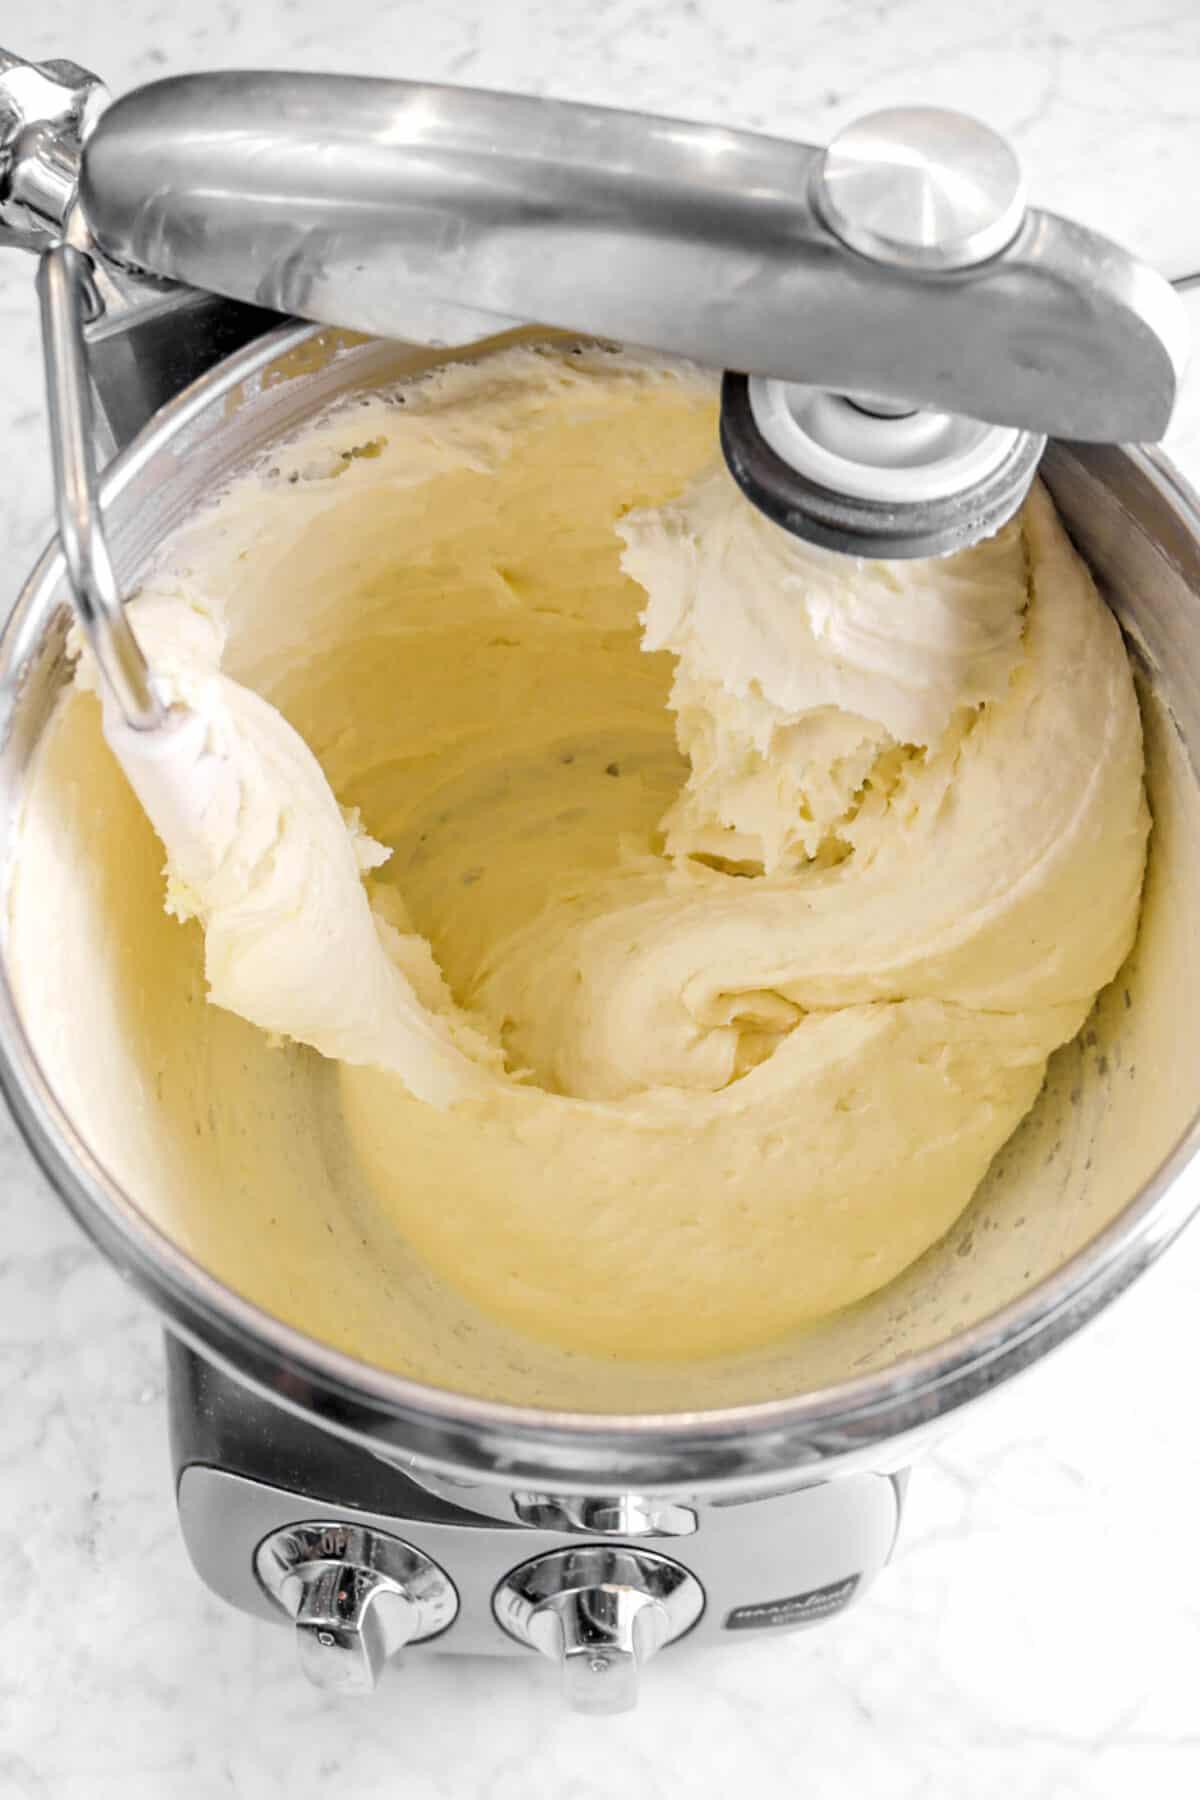 lemon pound cake batter in mixer